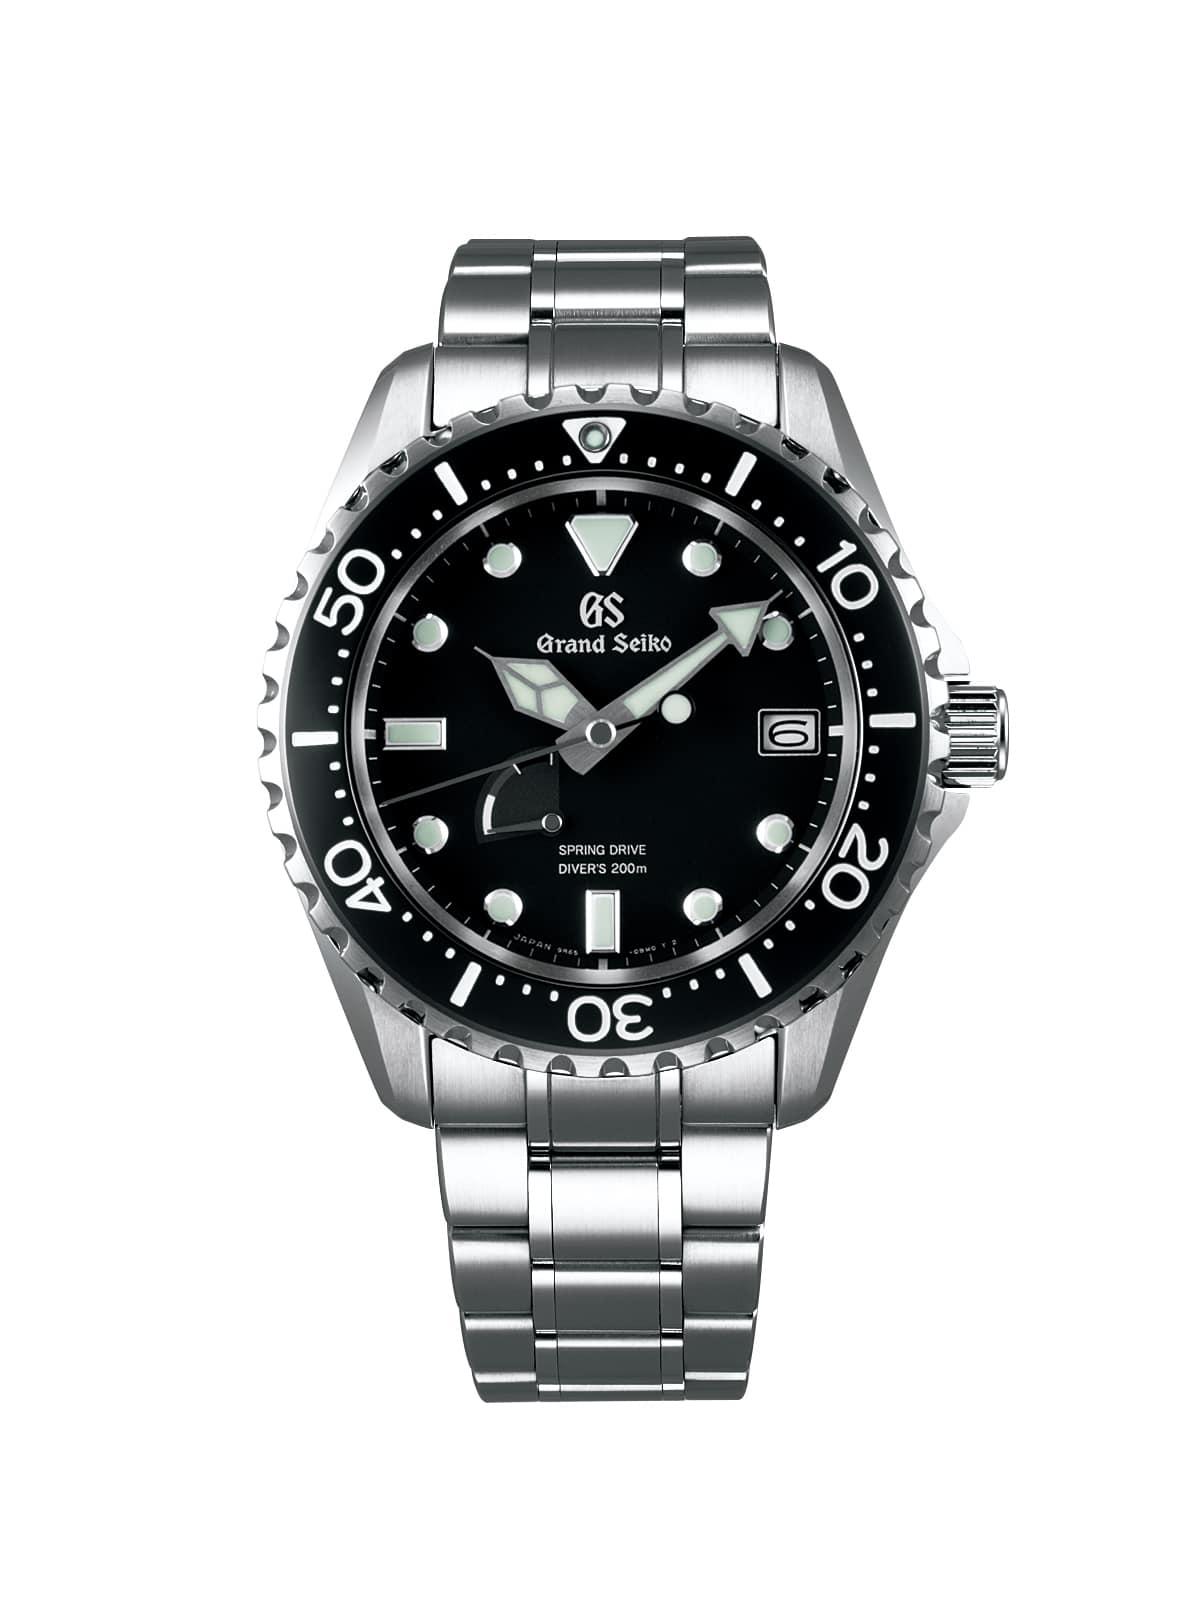 Grand Seiko SBGA229 Watch